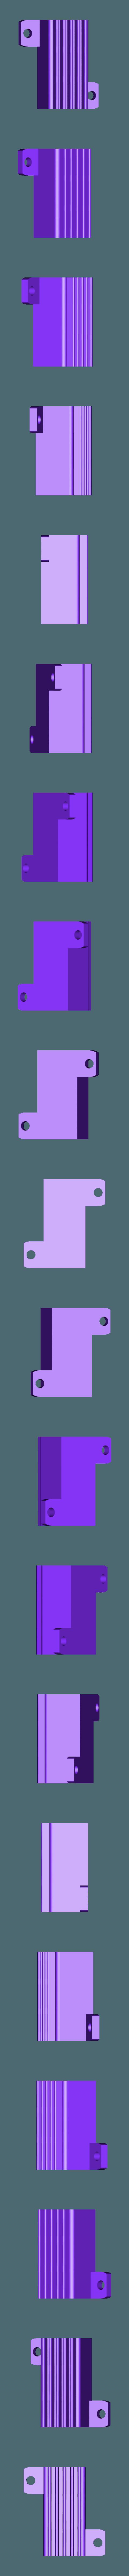 side_RT_resistor_GB1.stl Télécharger fichier STL gratuit Ghostbuster Ghostbuster Ghosttrap • Modèle pour impression 3D, SLIDES